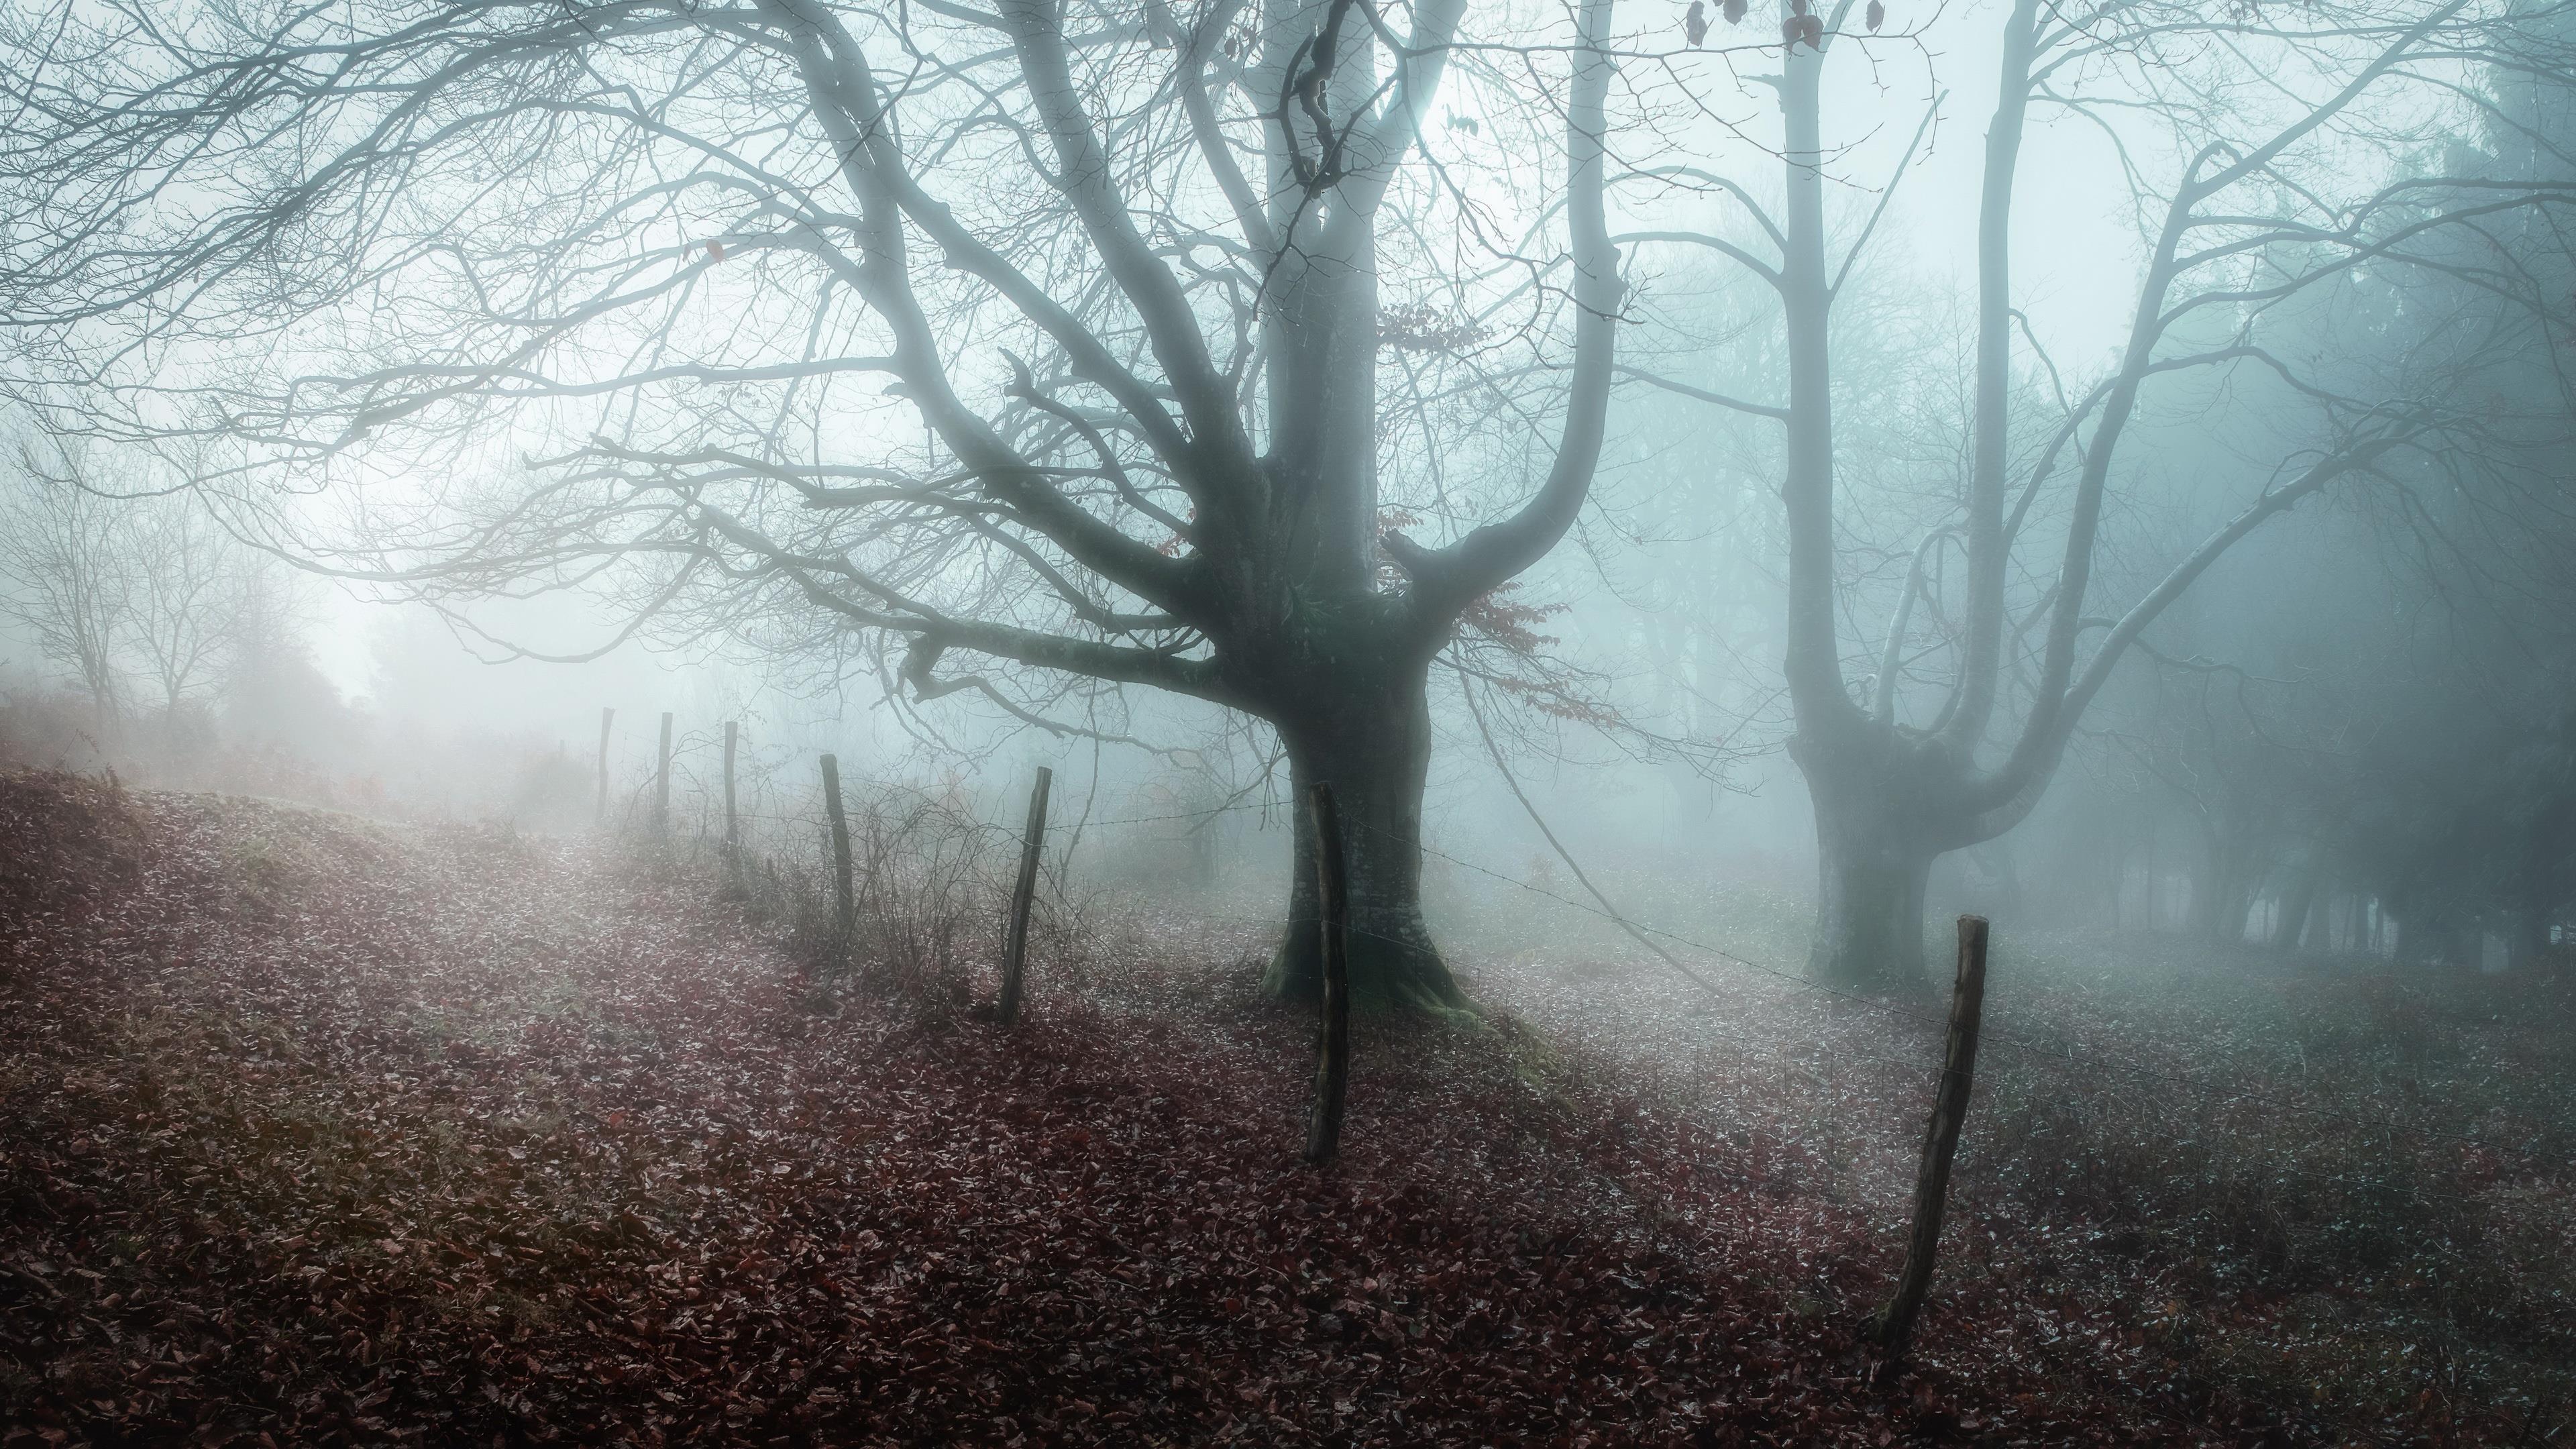 Заснеженный лес с сухим деревом между дорогами природа обои скачать